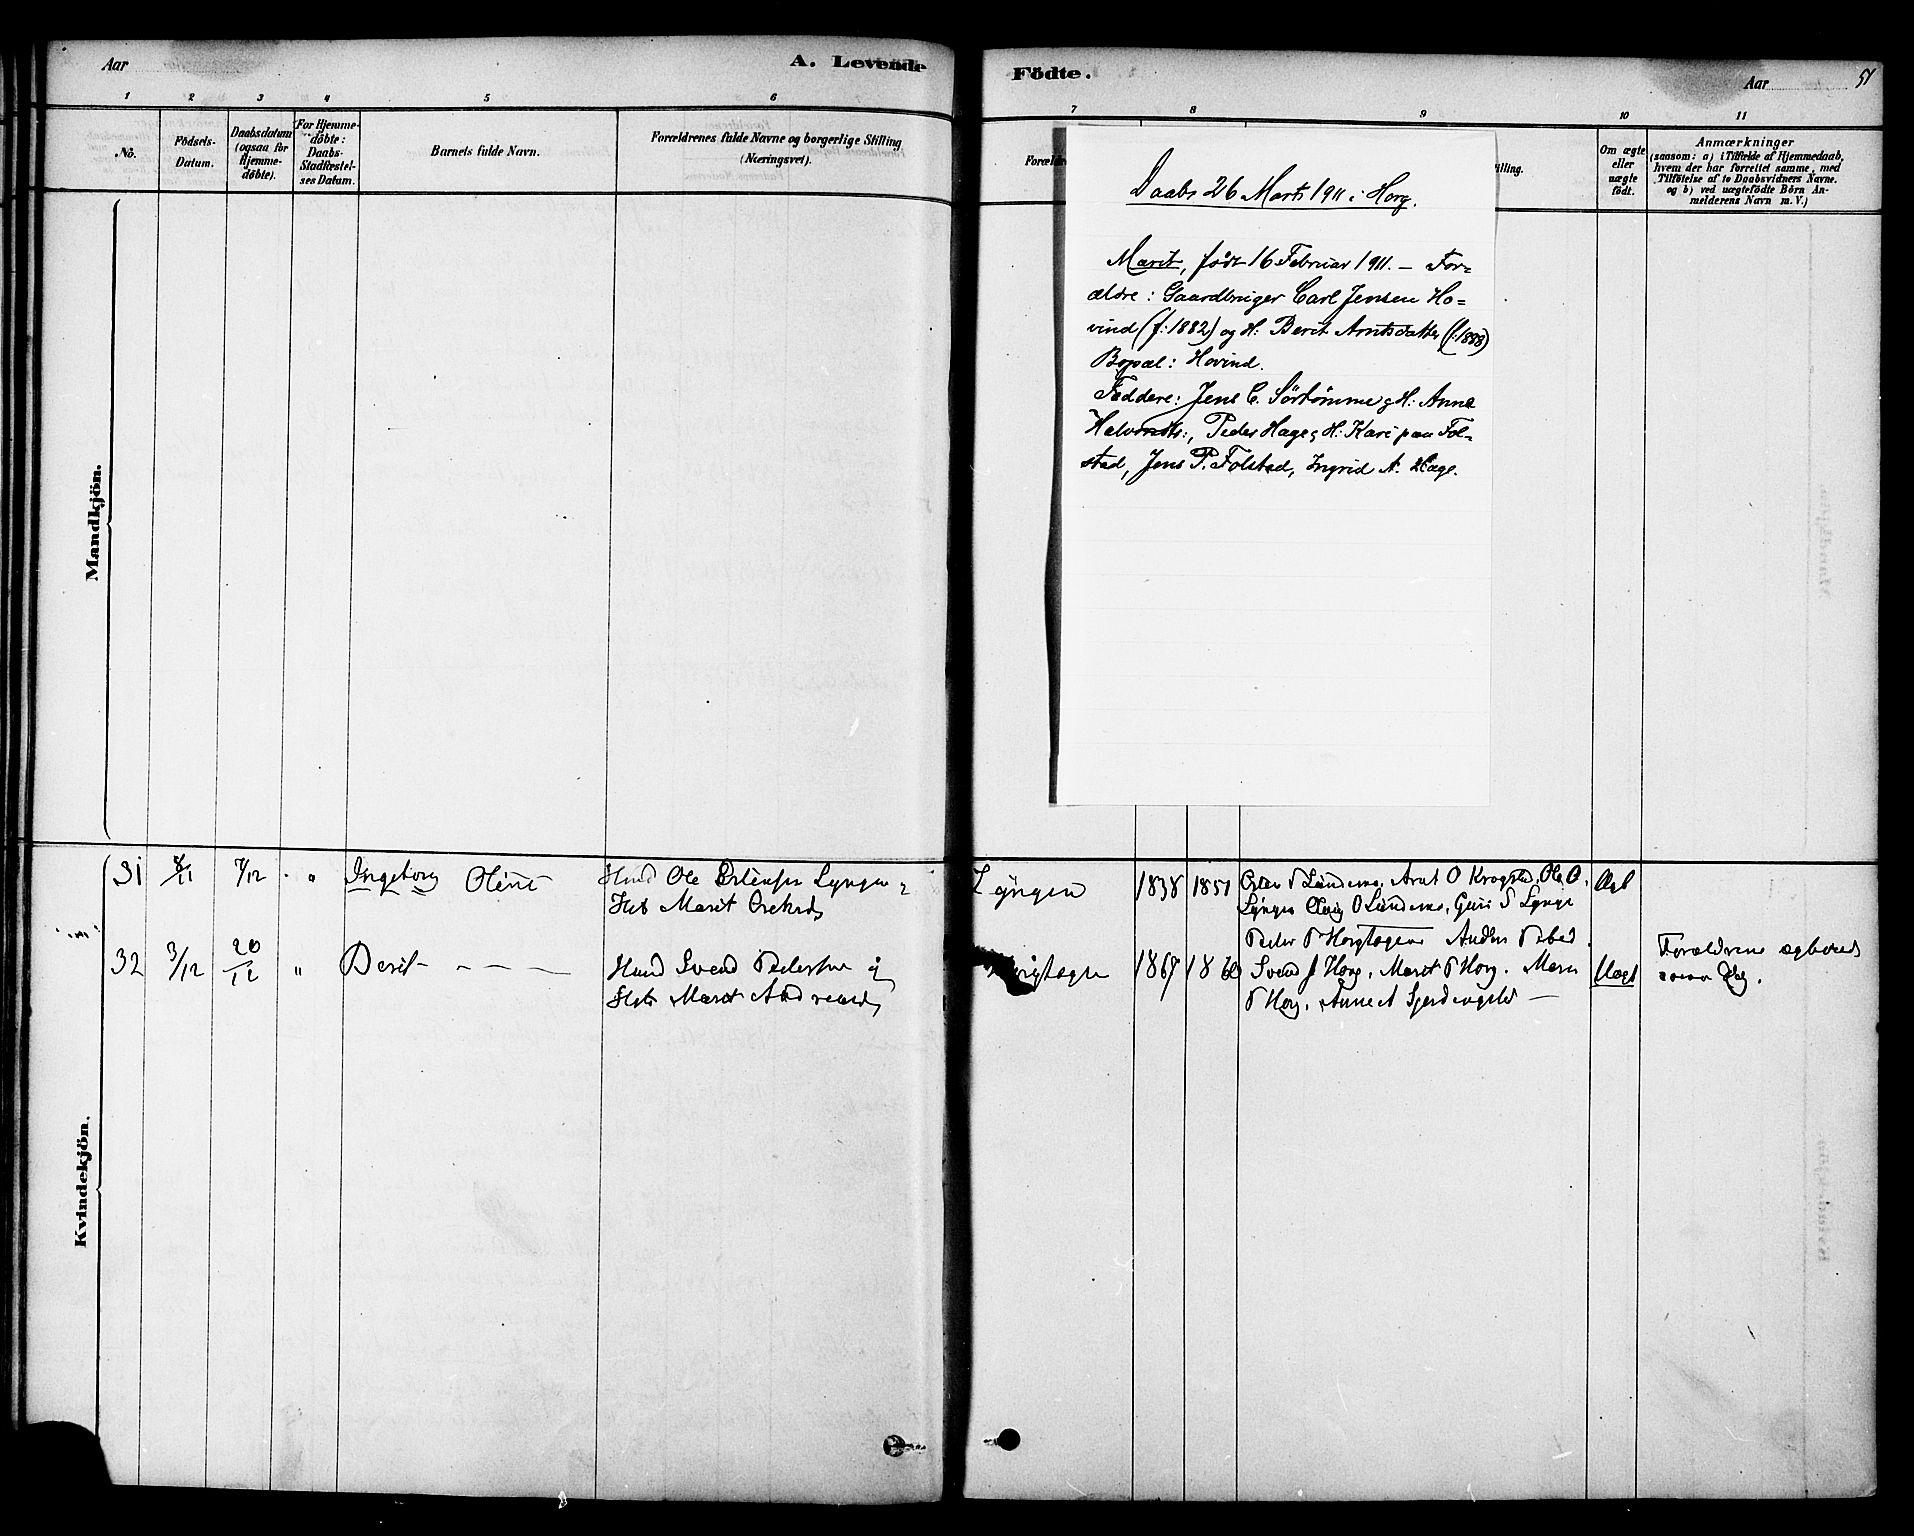 SAT, Ministerialprotokoller, klokkerbøker og fødselsregistre - Sør-Trøndelag, 692/L1105: Ministerialbok nr. 692A05, 1878-1890, s. 51